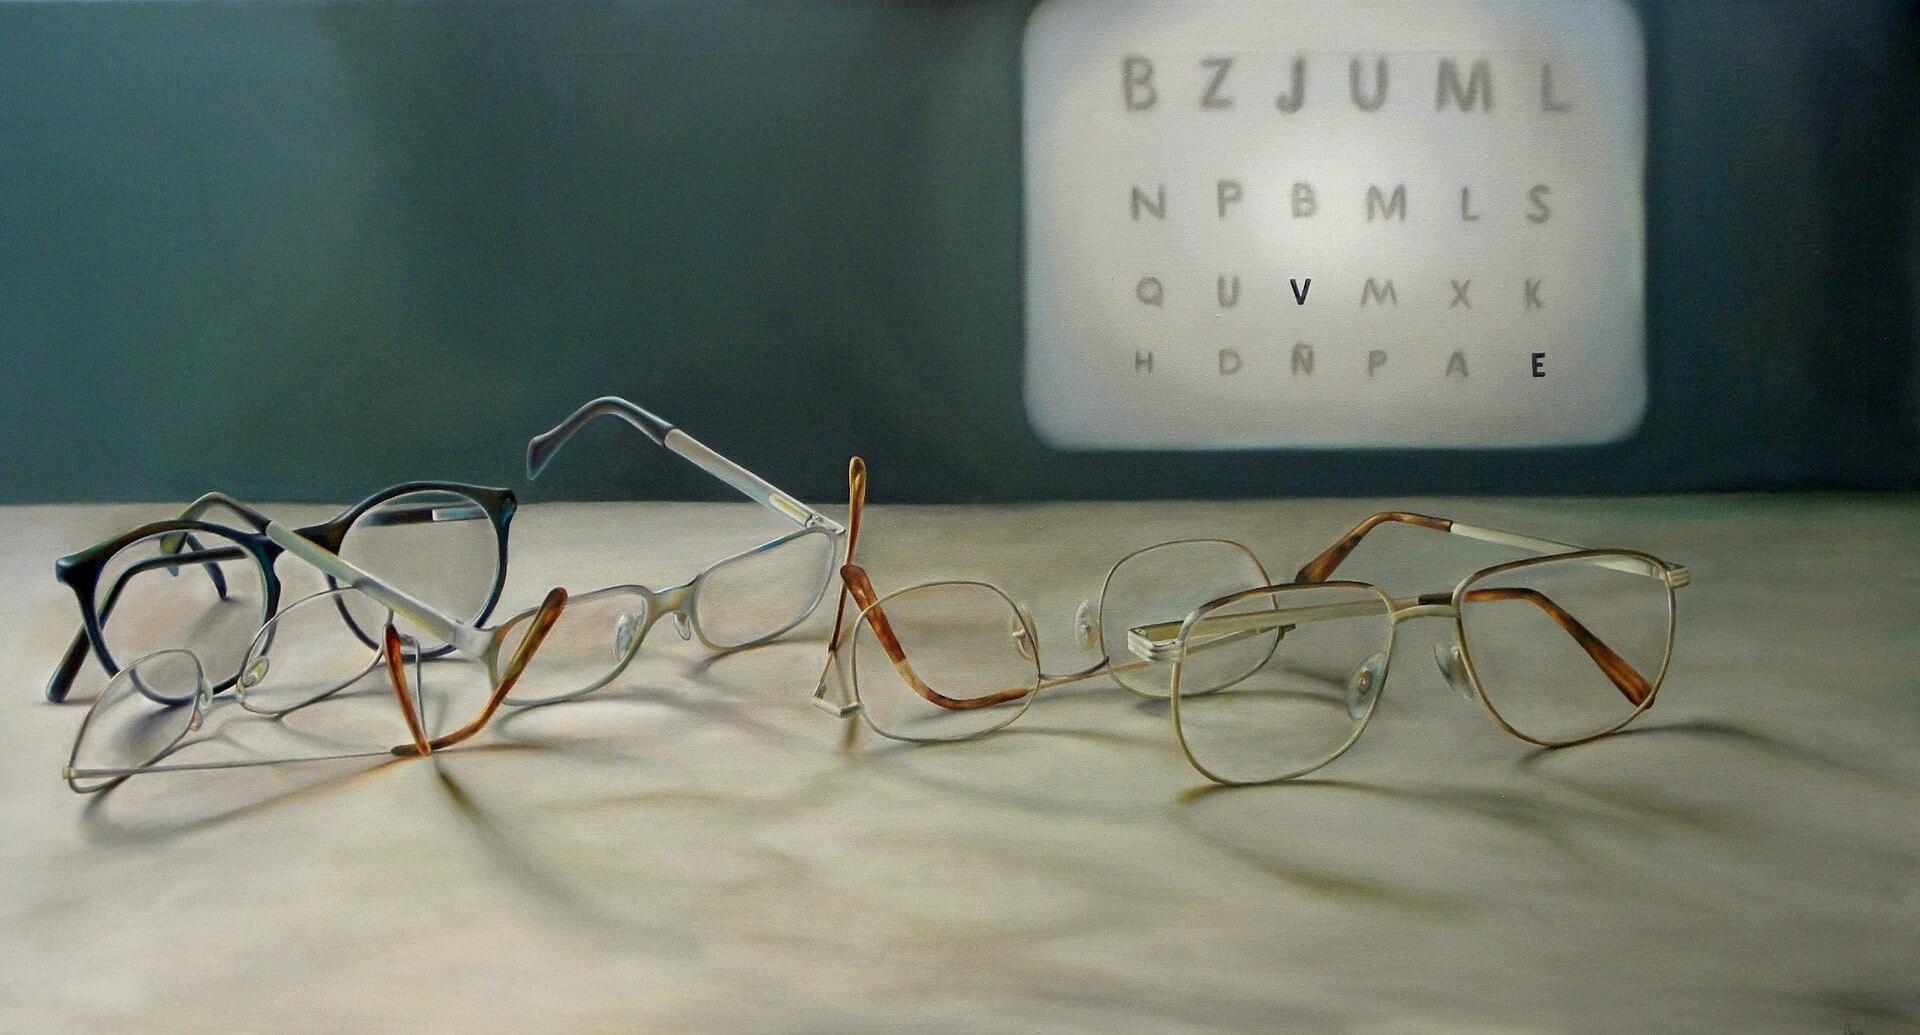 Weitsichtigkeit - Brillen vor Buchstabentafel